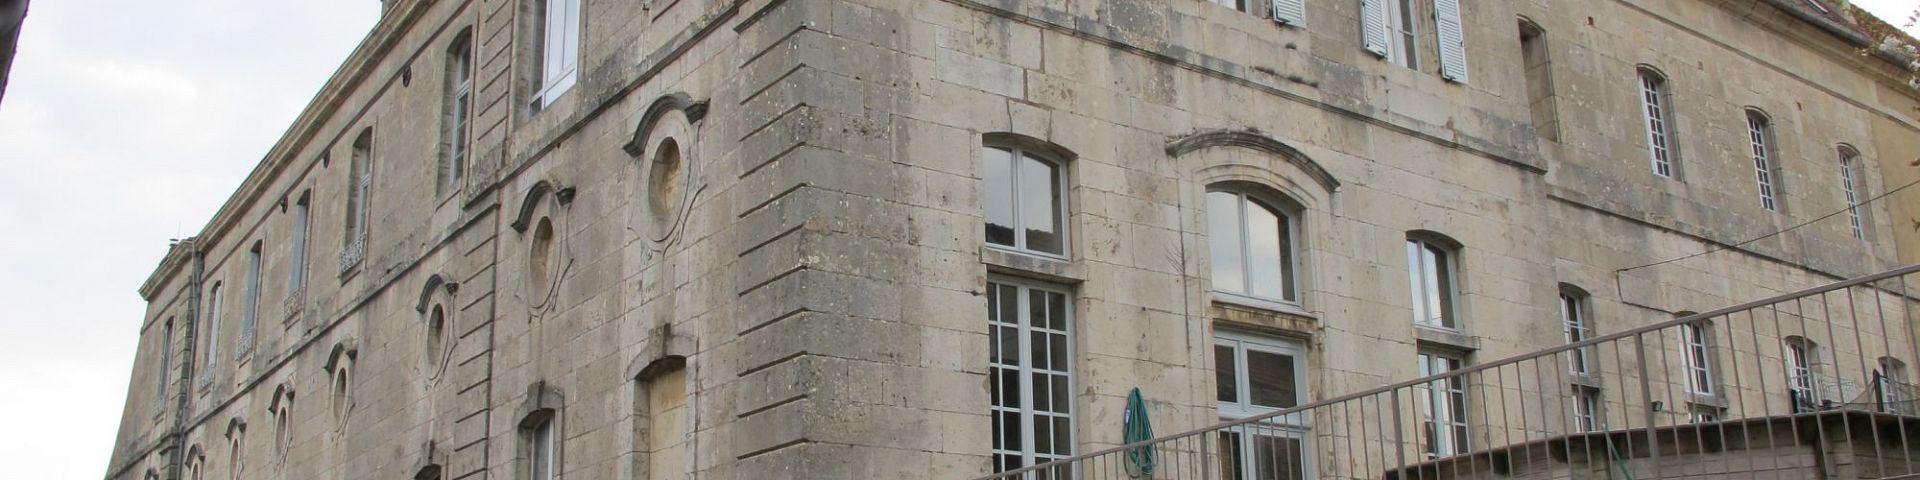 Flavigny-sur-Ozerain - Fabrique d'anis (21)